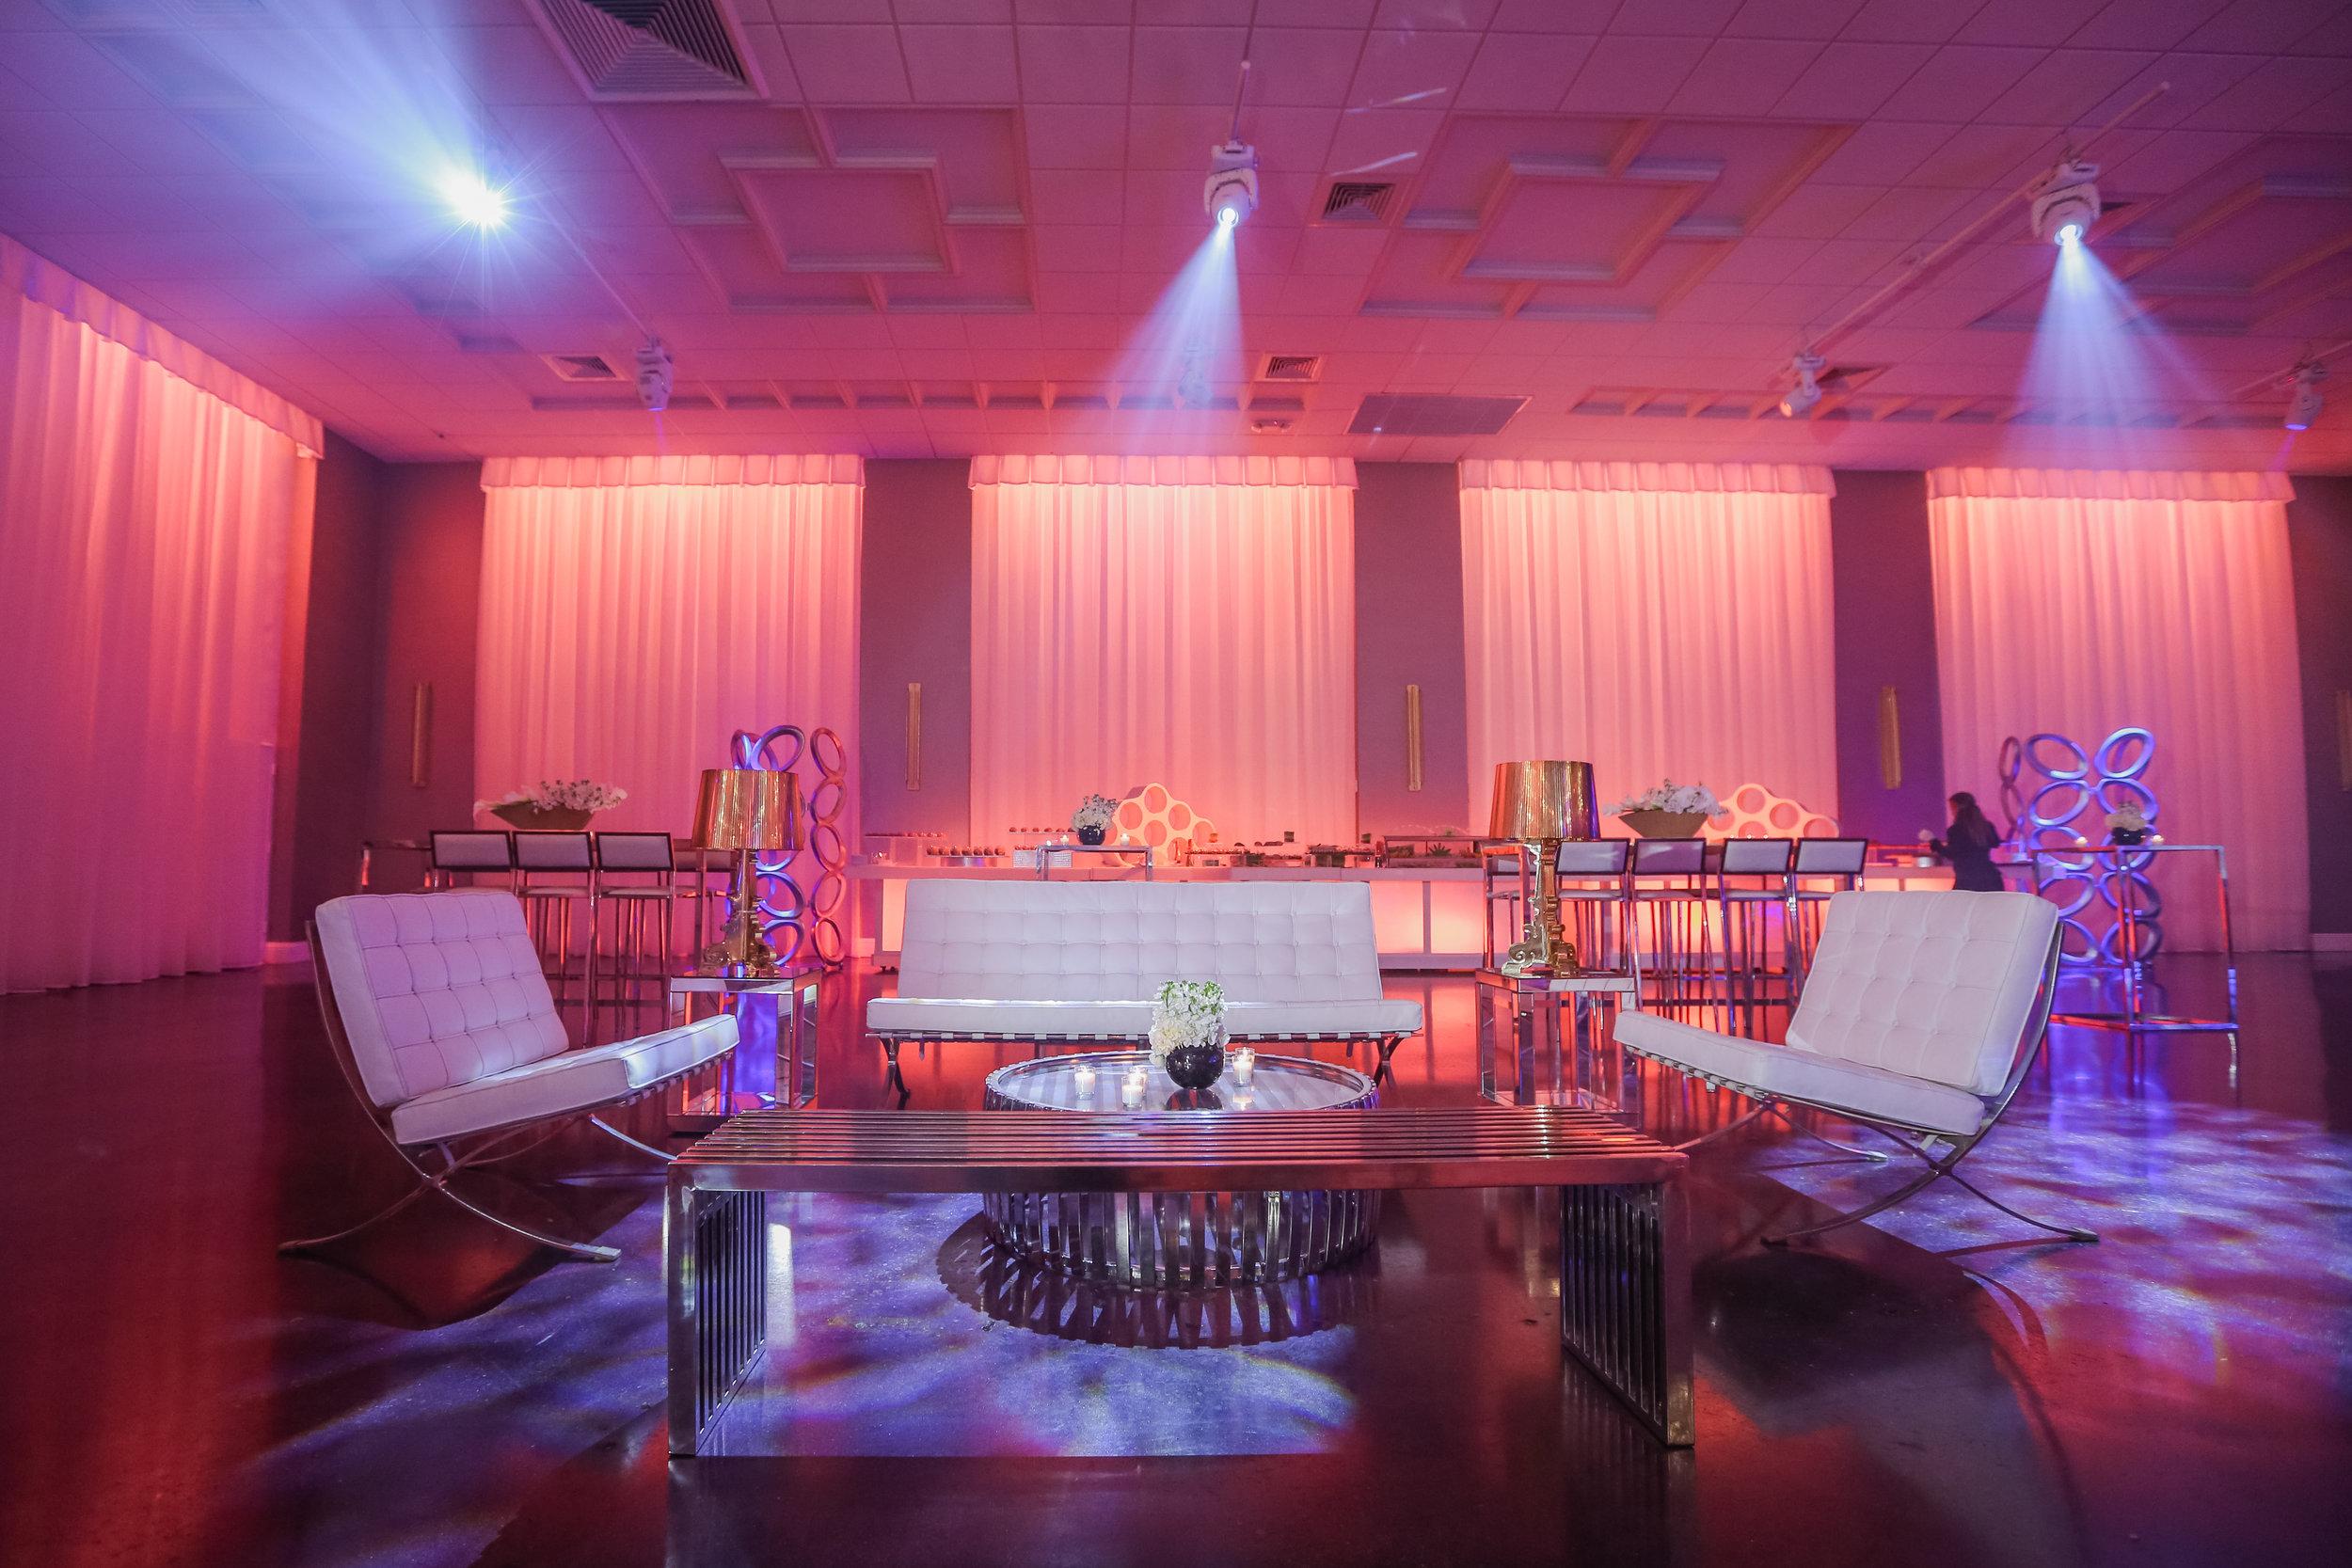 Emanuel Luxury Venue Miami Venue-1.jpg